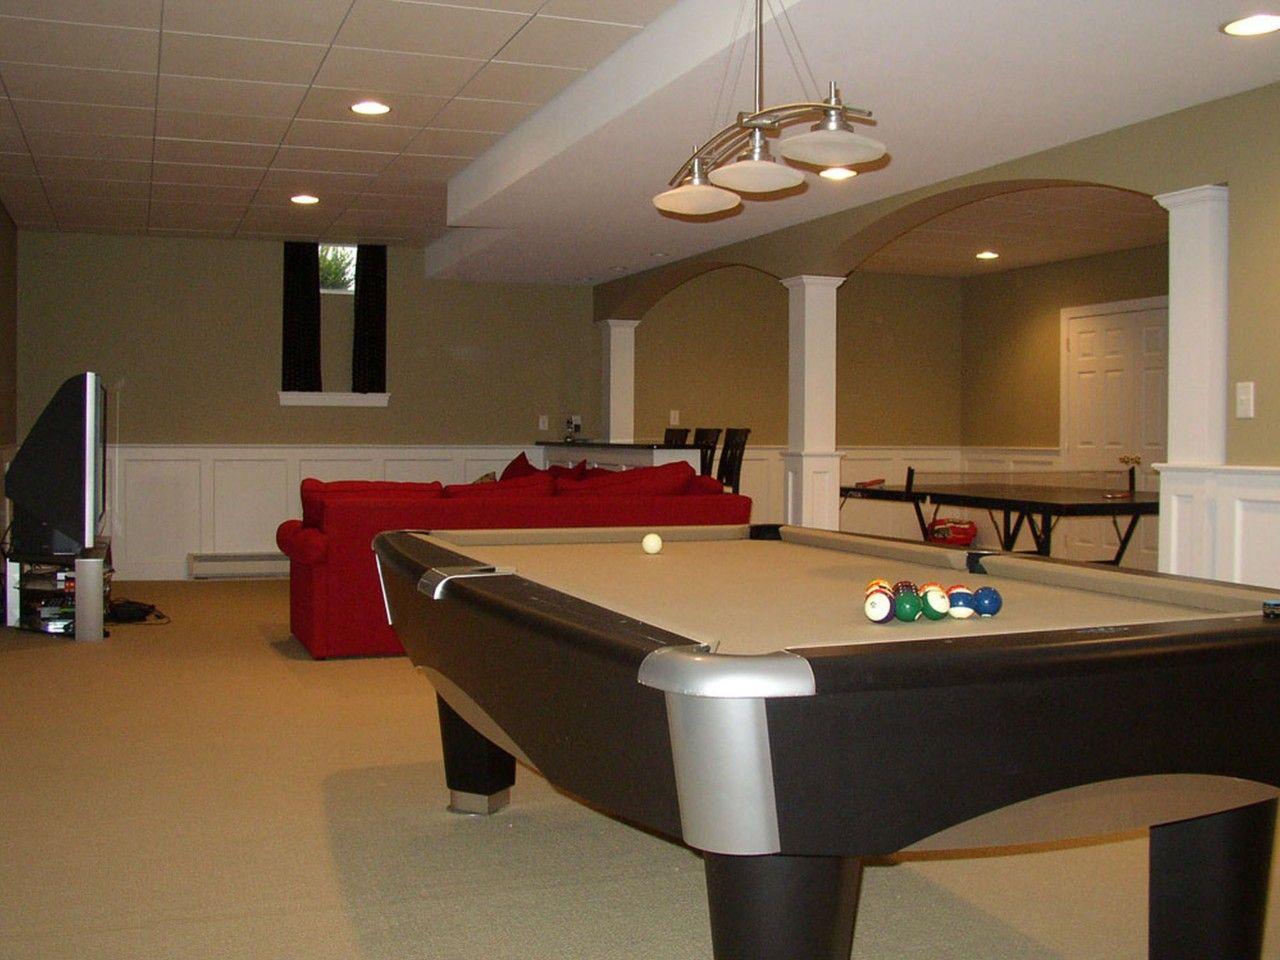 game room lighting ideas basement finishing ideas. Game Room Ideas On Basement Design Lighting Finishing N